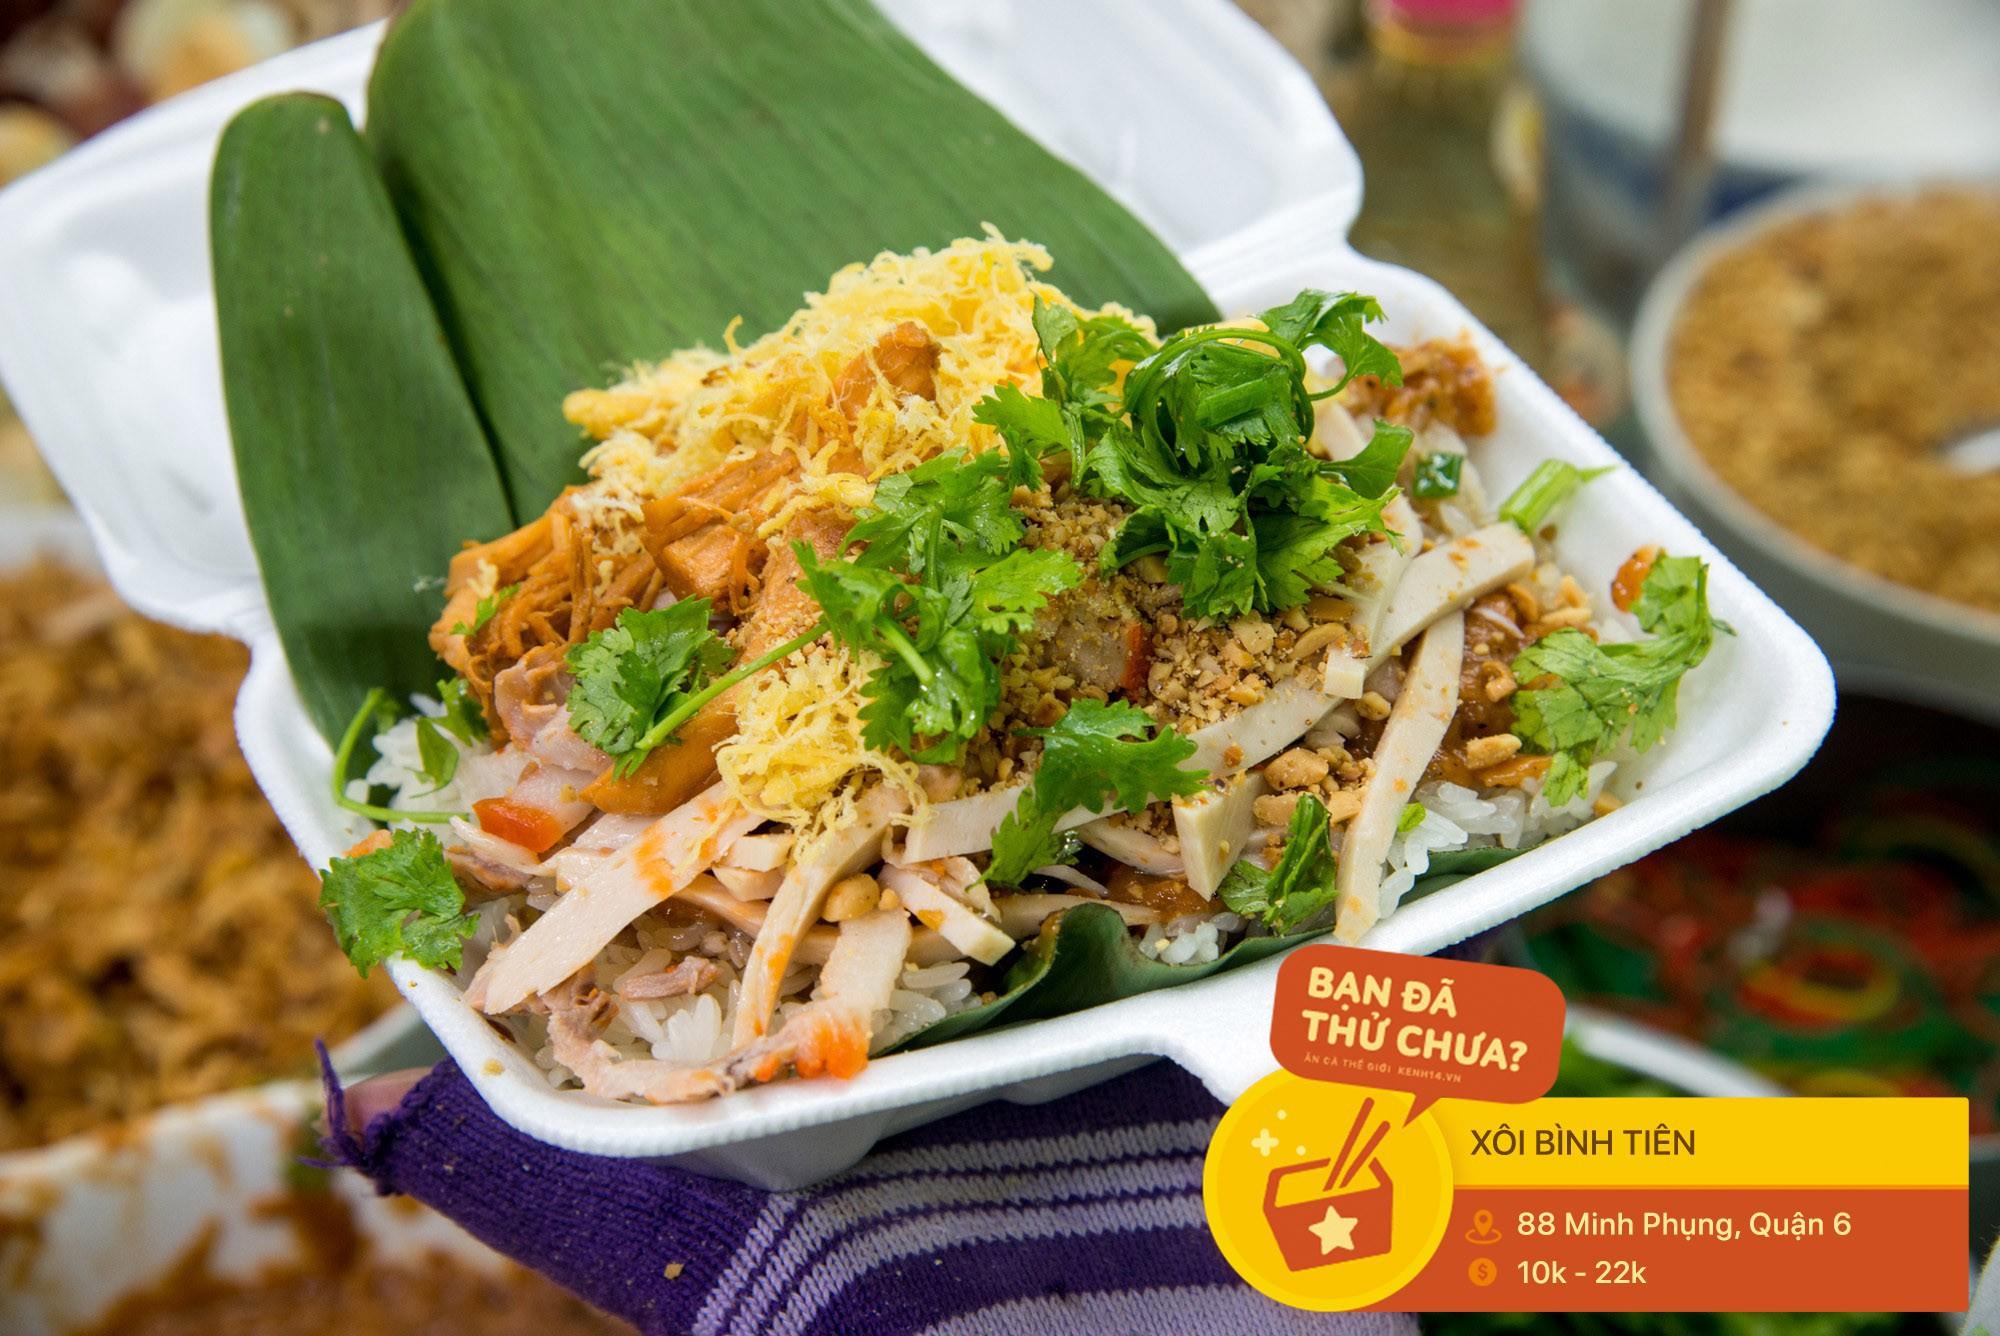 Sài Gòn có những quán ăn làm người ta phải ngân nga đợi chờ là hạnh phúc nhưng vẫn đông ơi là đông - Ảnh 11.